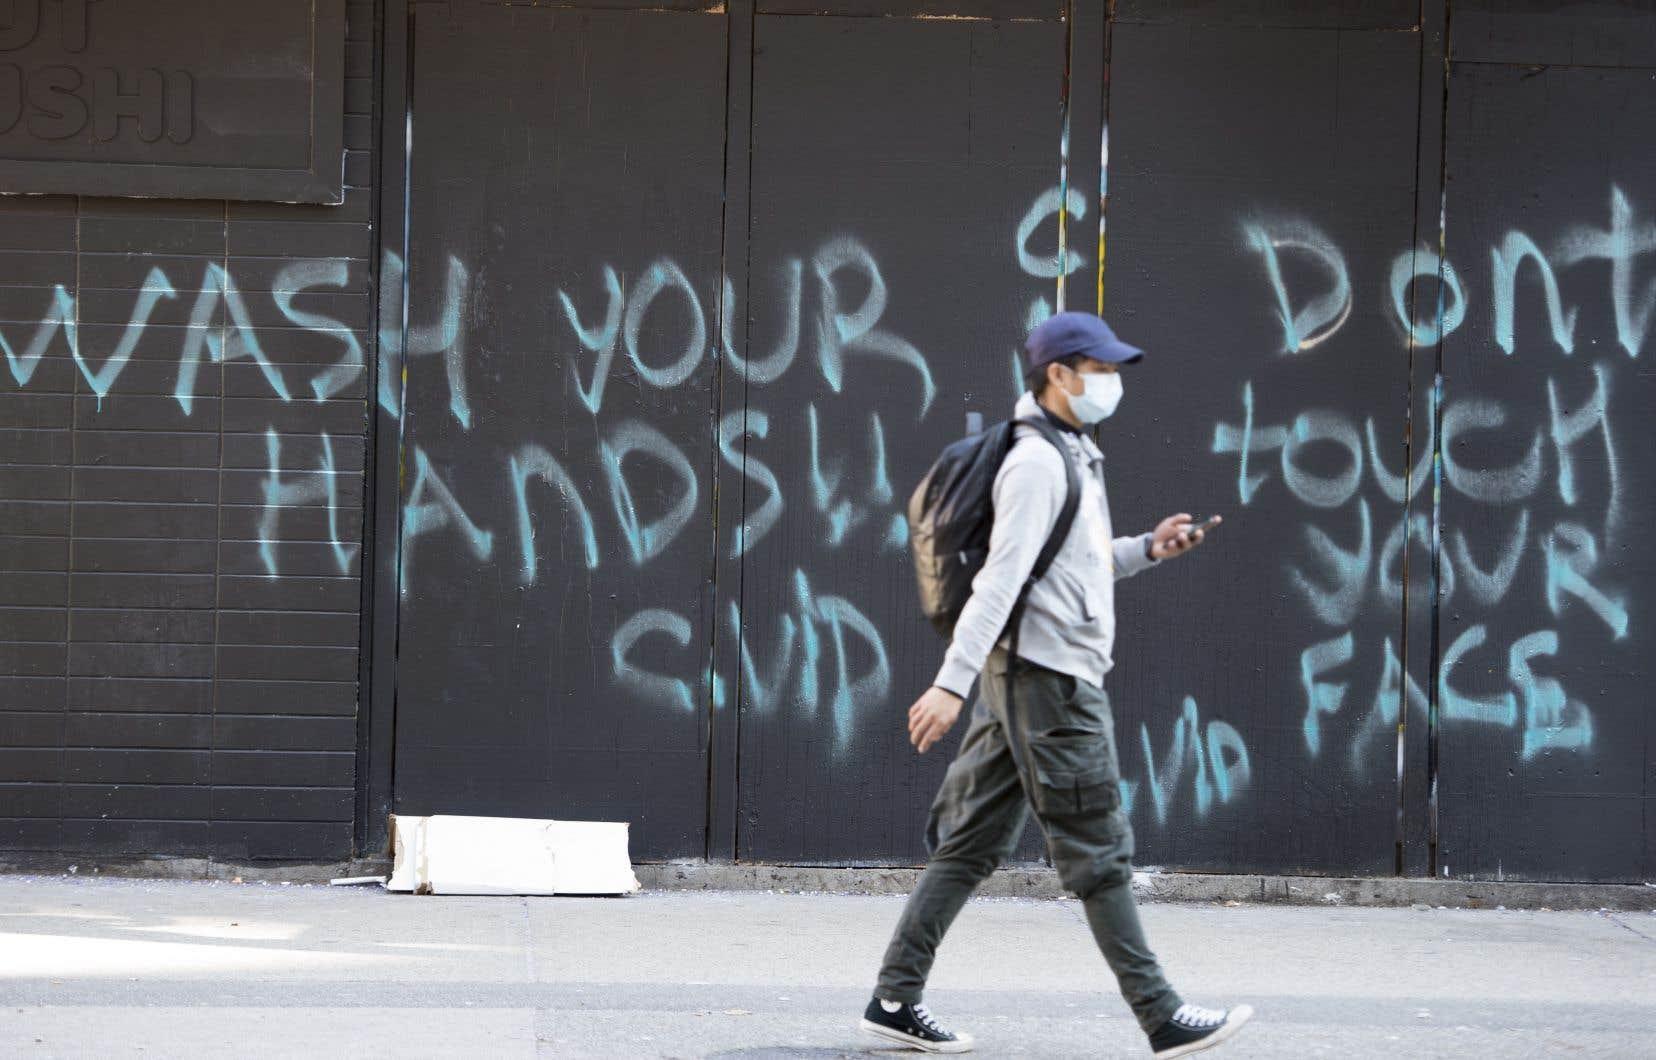 Des graffitis à Vancouver encouragent la population à se plier aux directives de santé publique.